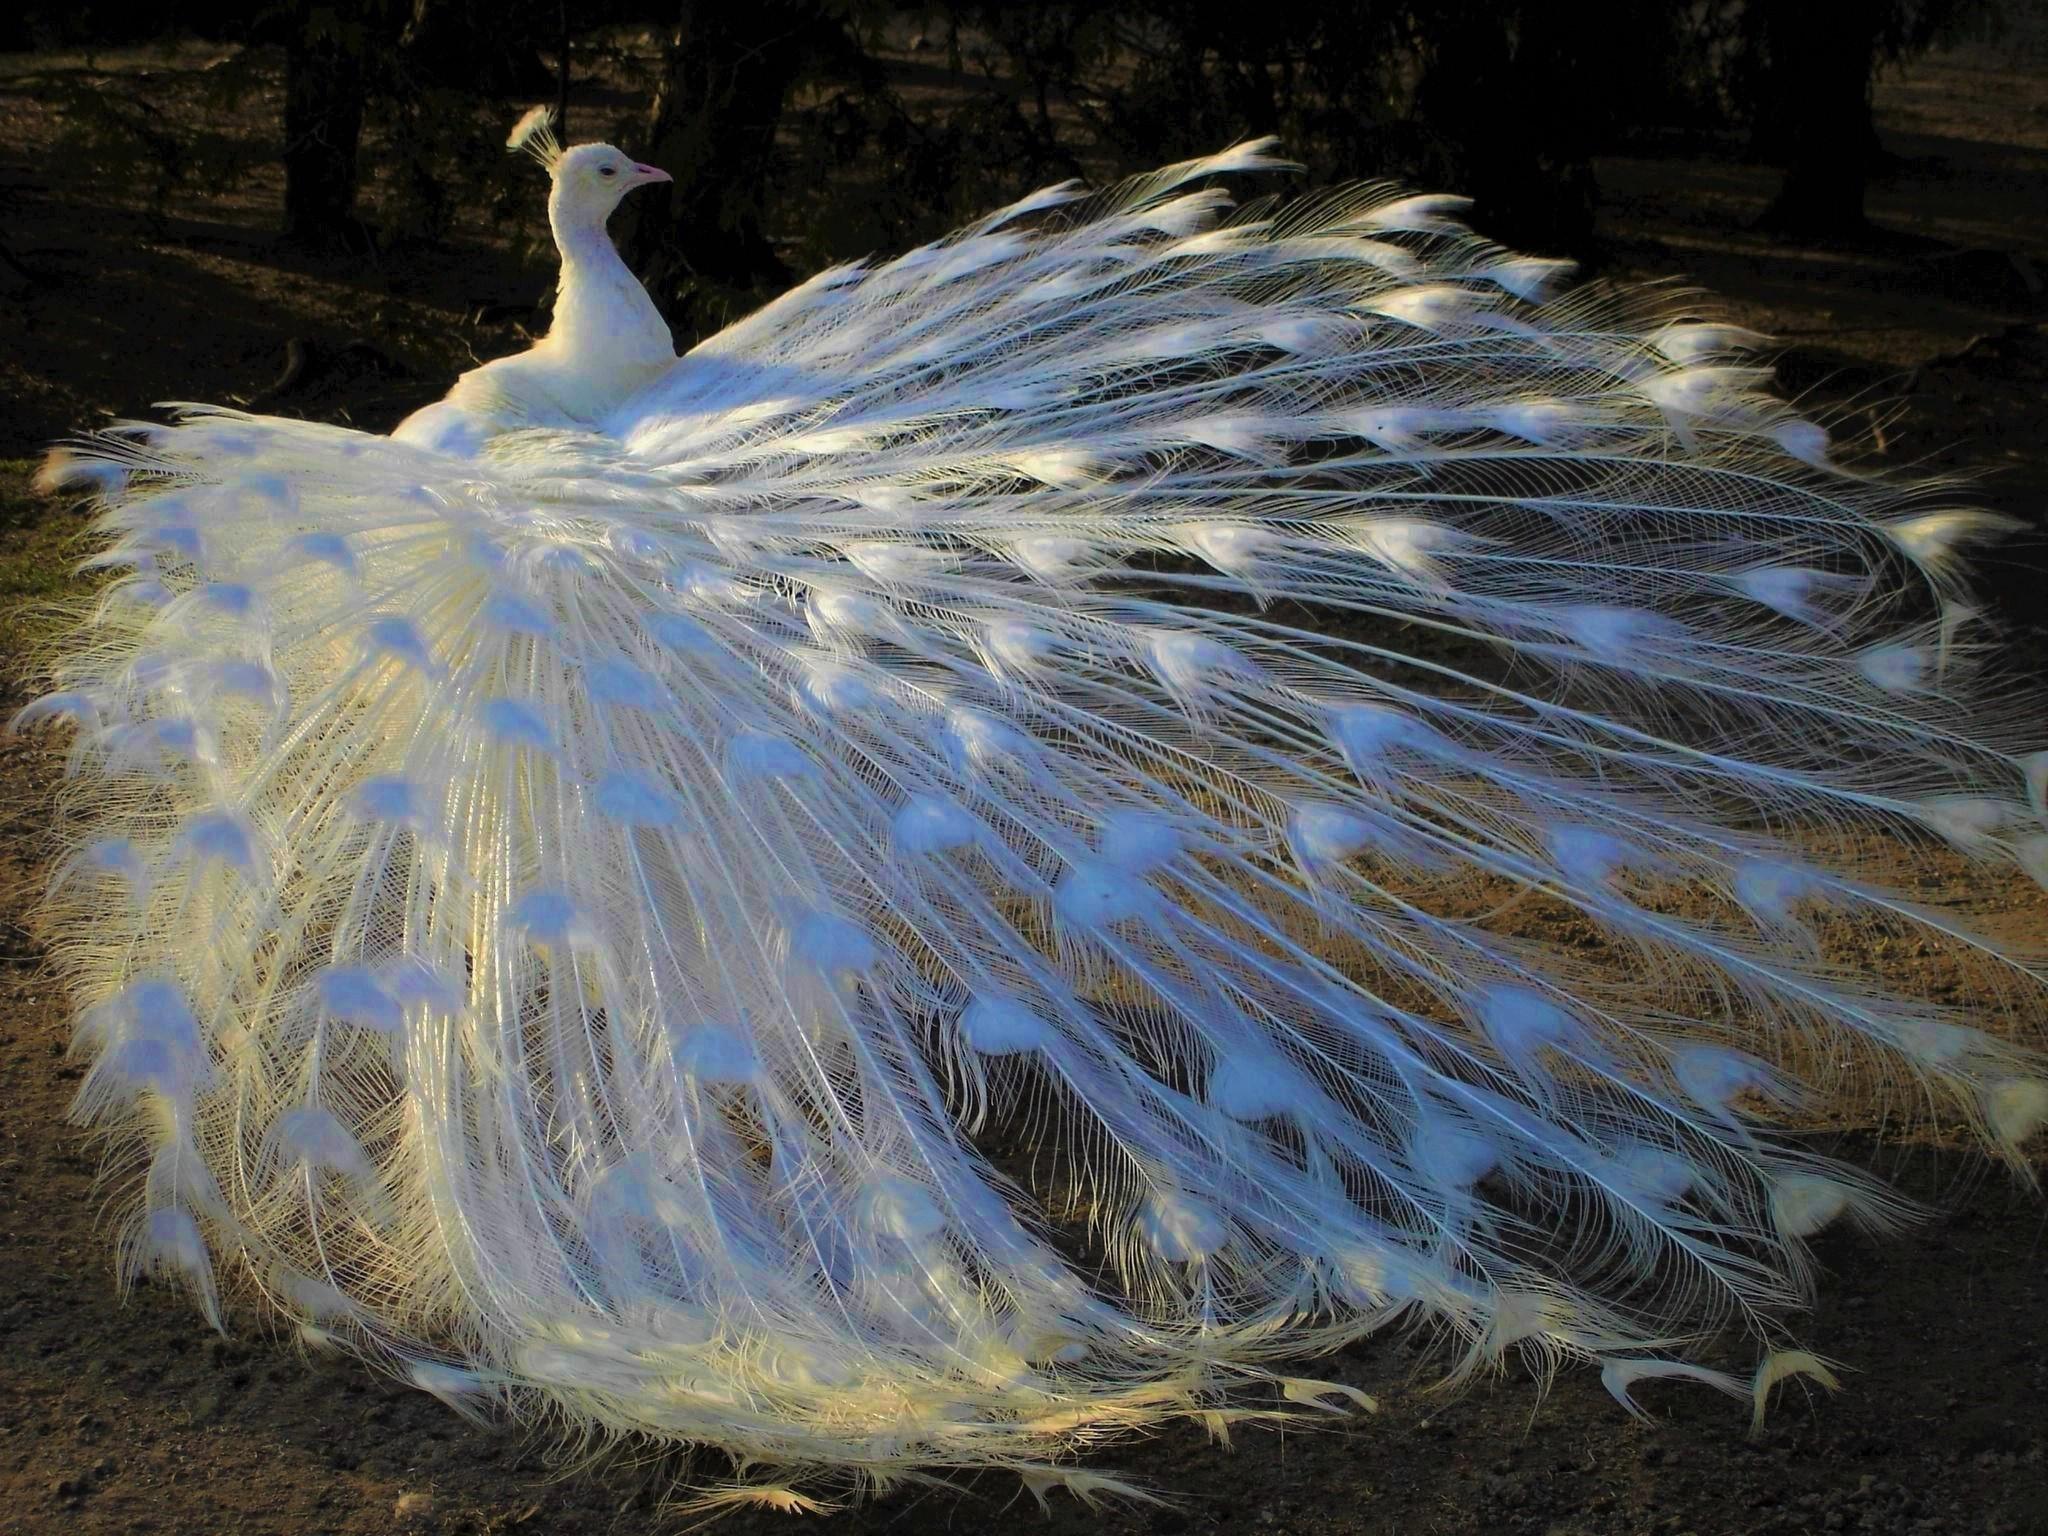 White (Albino) Peacock